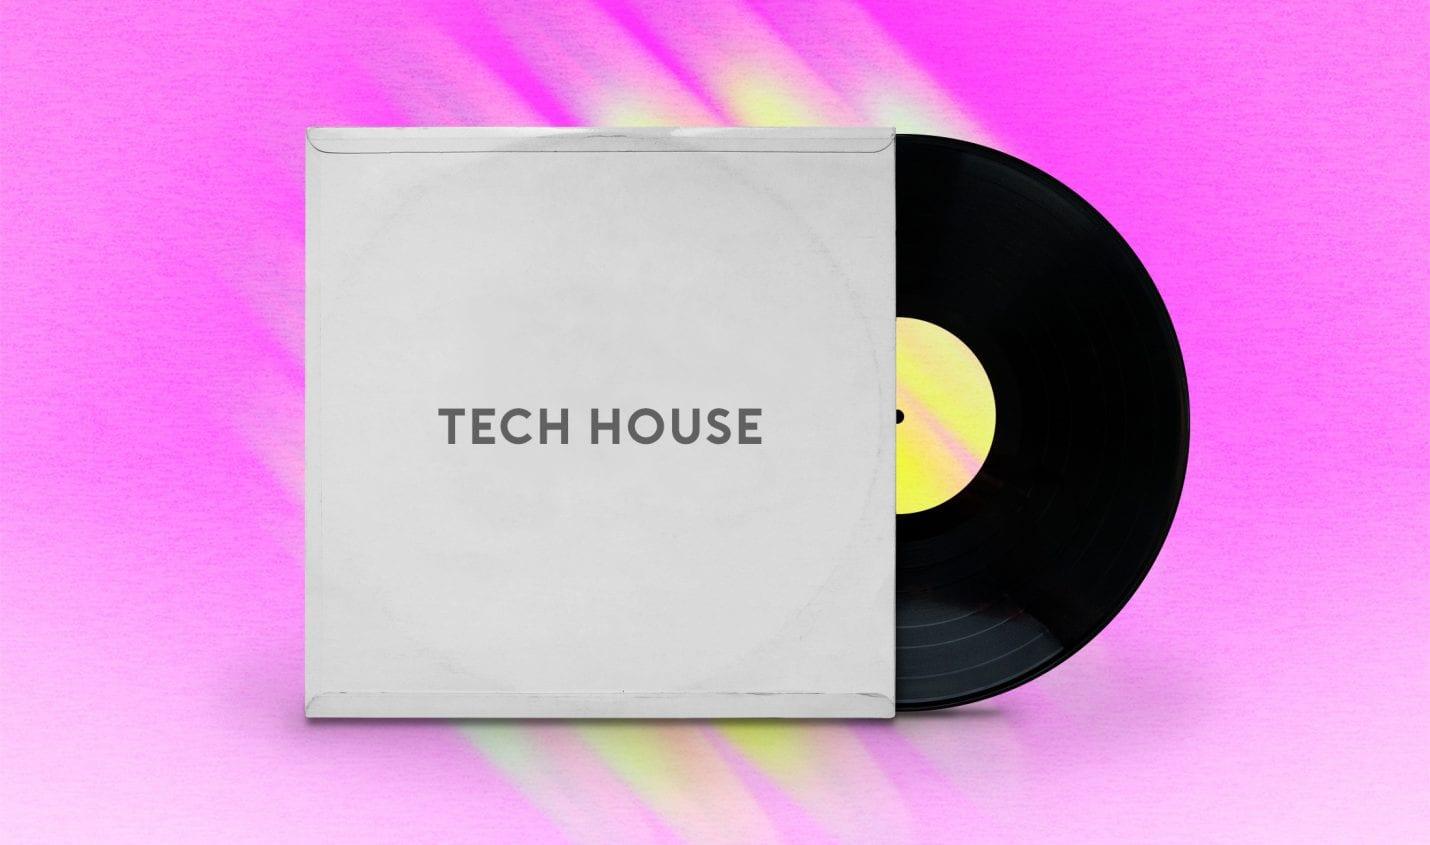 Essentials: Die prägendsten Tracks des Tech House